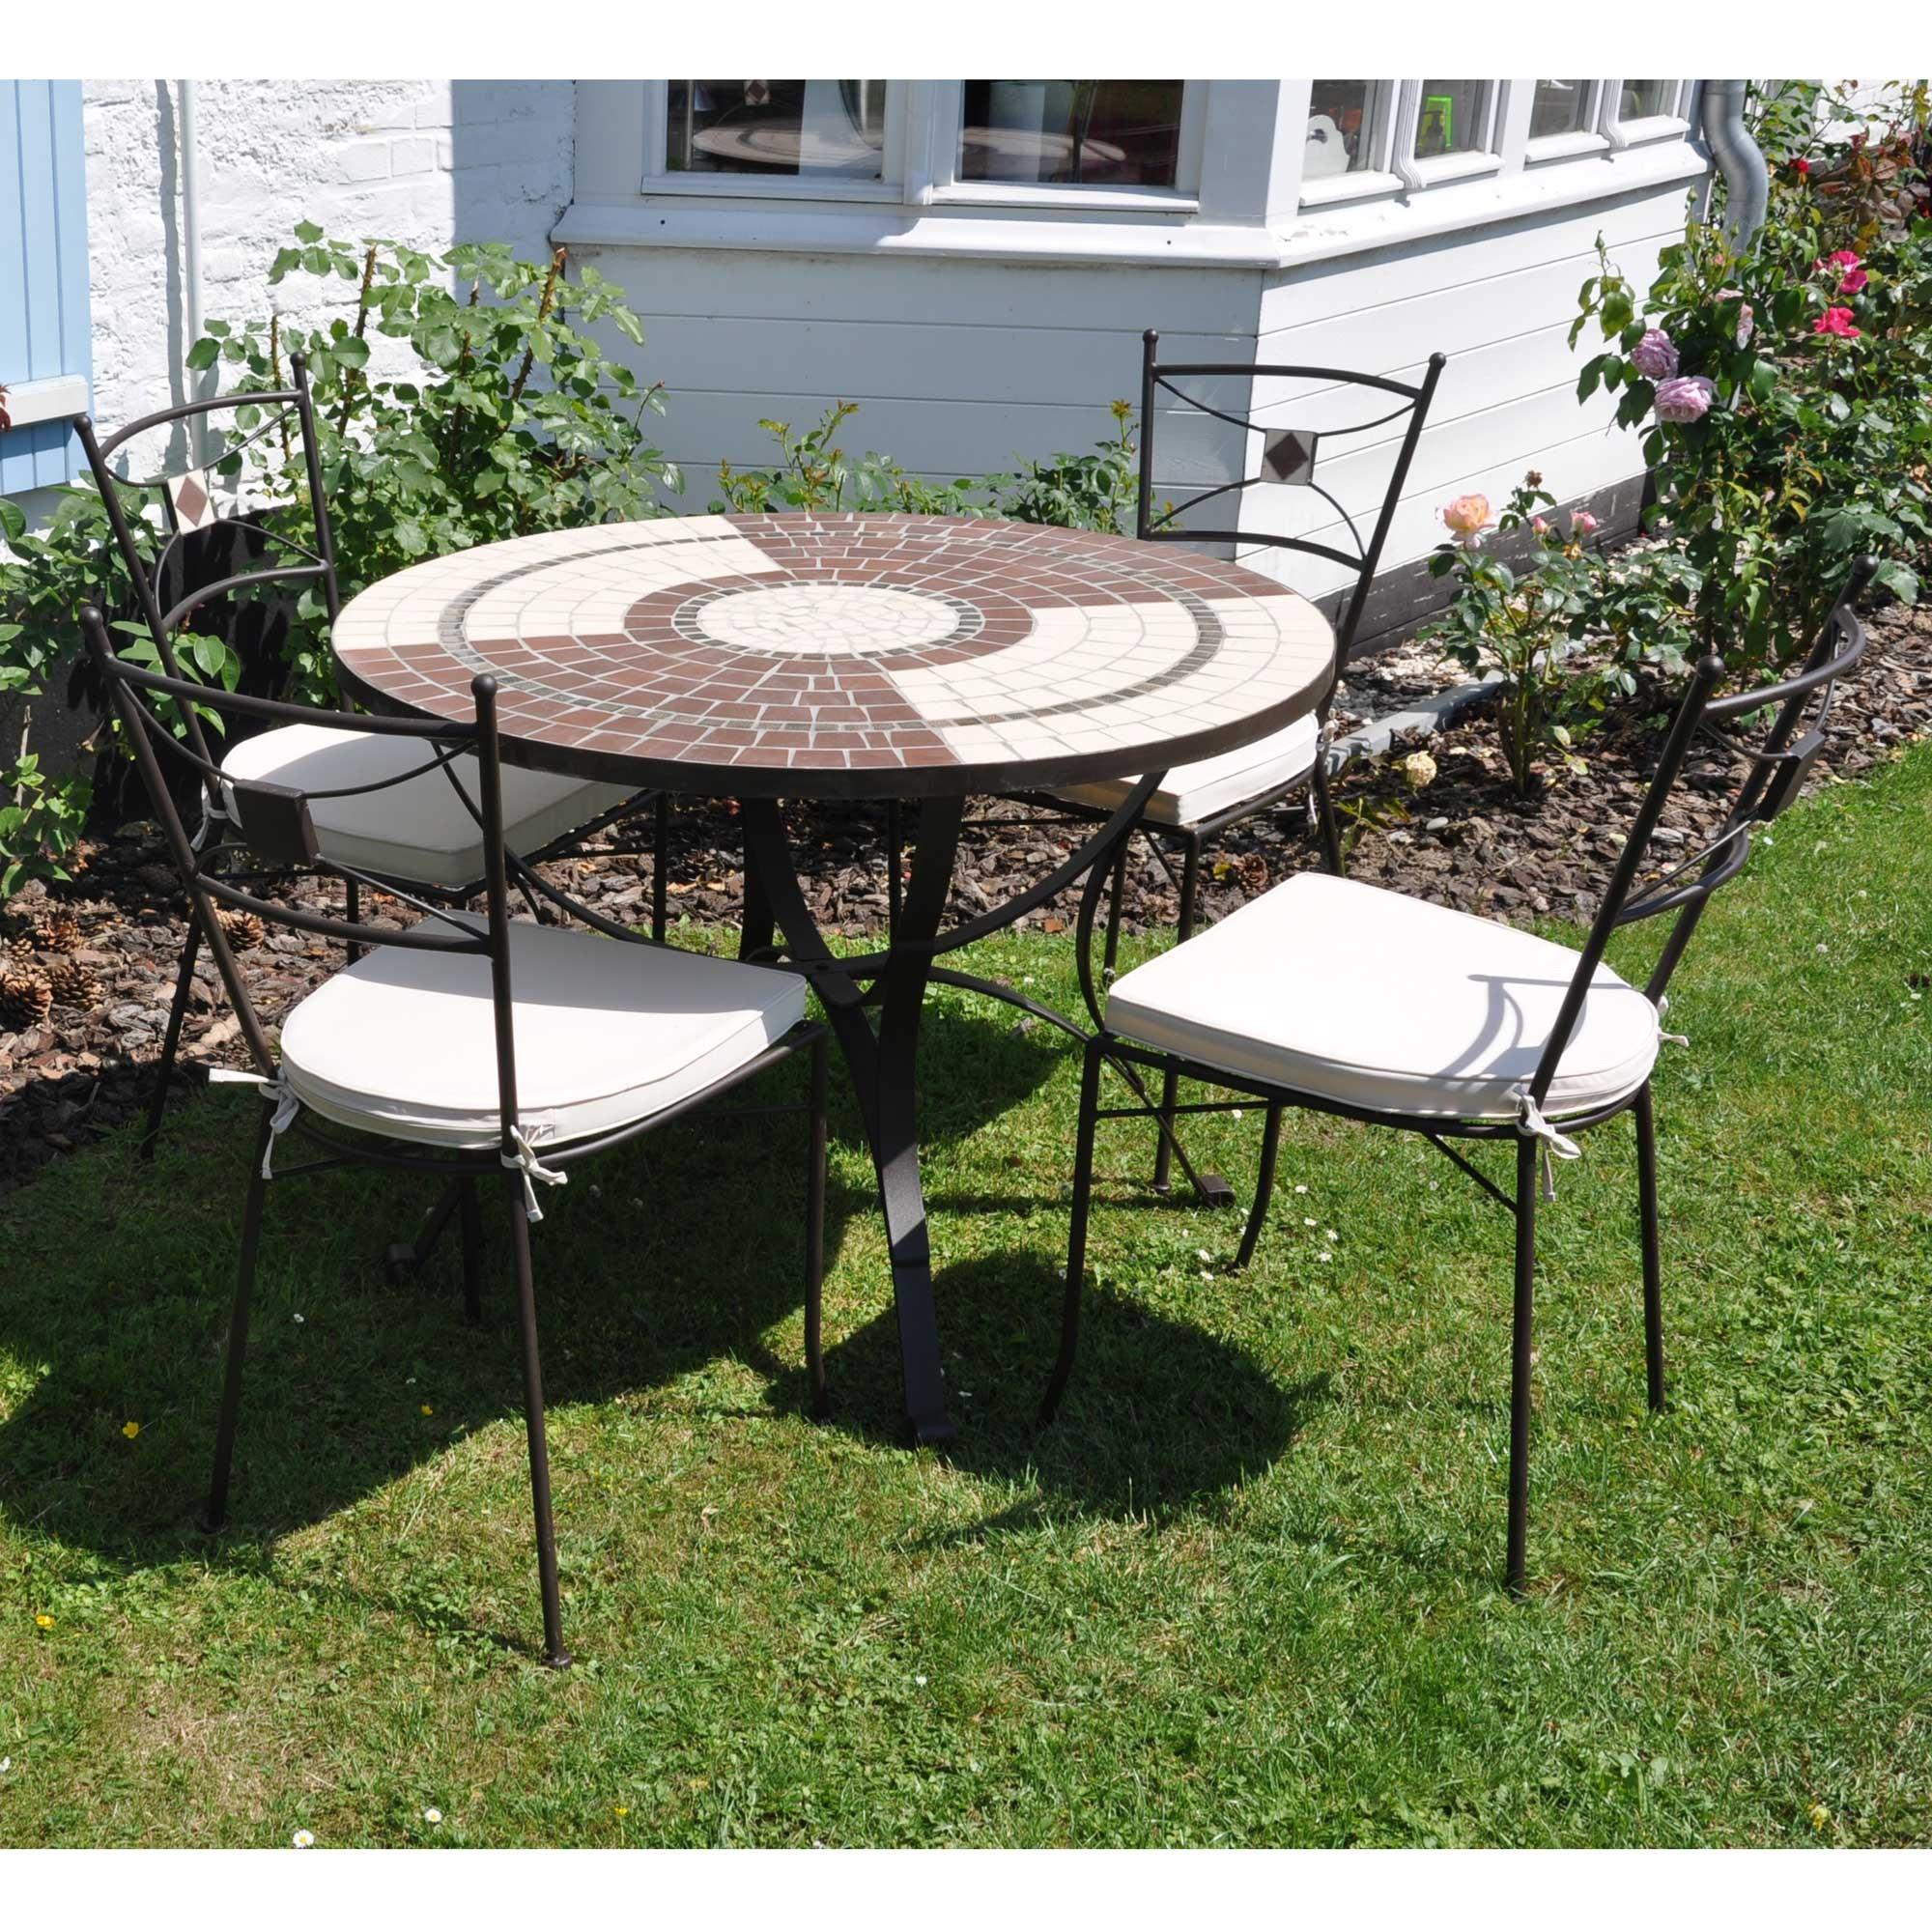 Chaise jardin alu carrefour - veranda-styledevie.fr